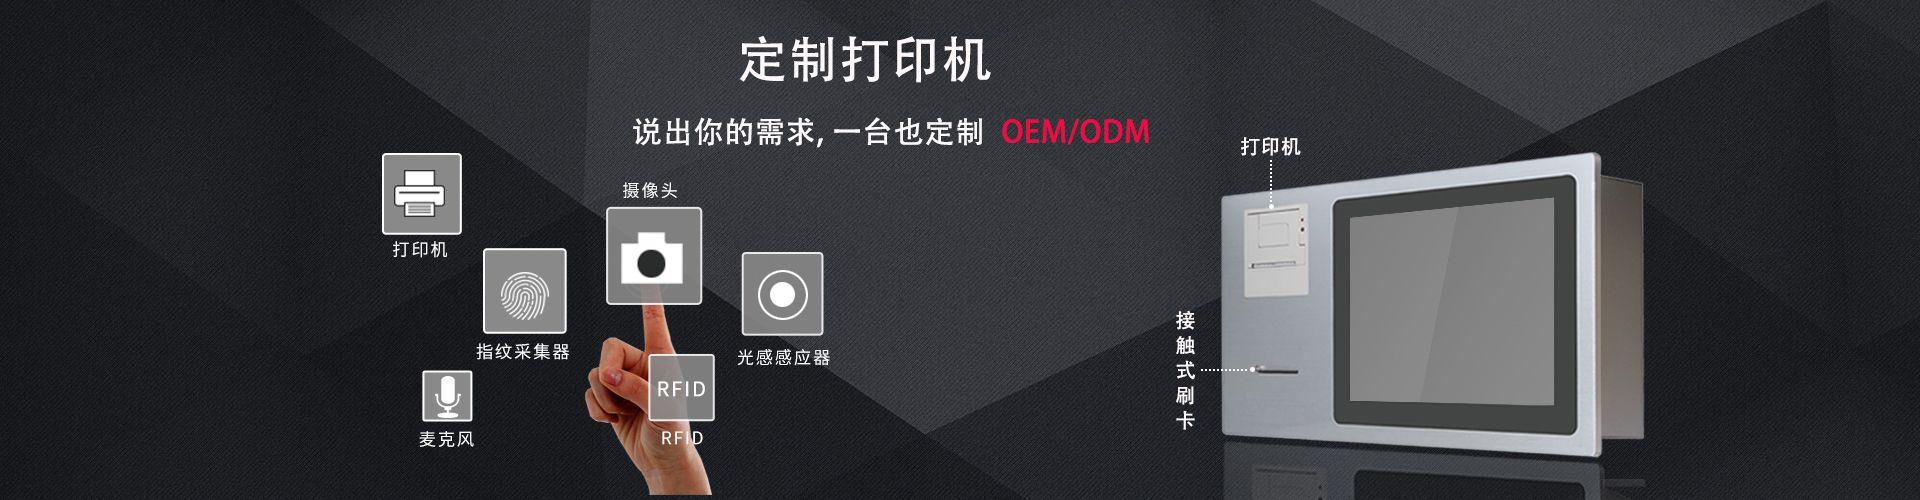 深圳市中冠智能电子科技有限公司